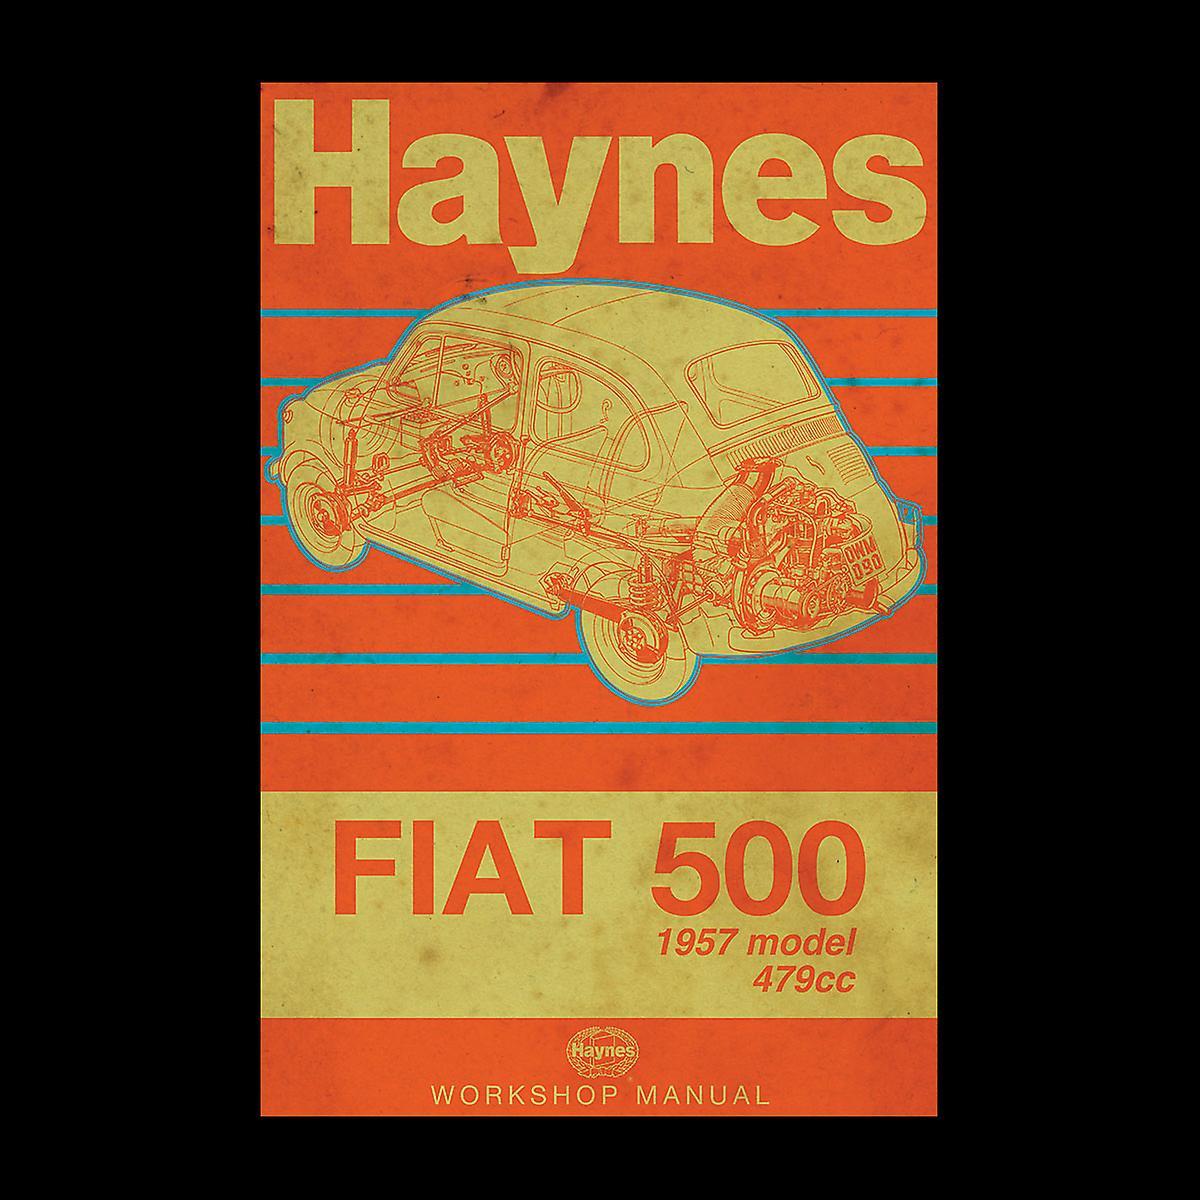 Haynes Workshop manuell Fiat 500 479cc blå Distressed Stripe menns Vest